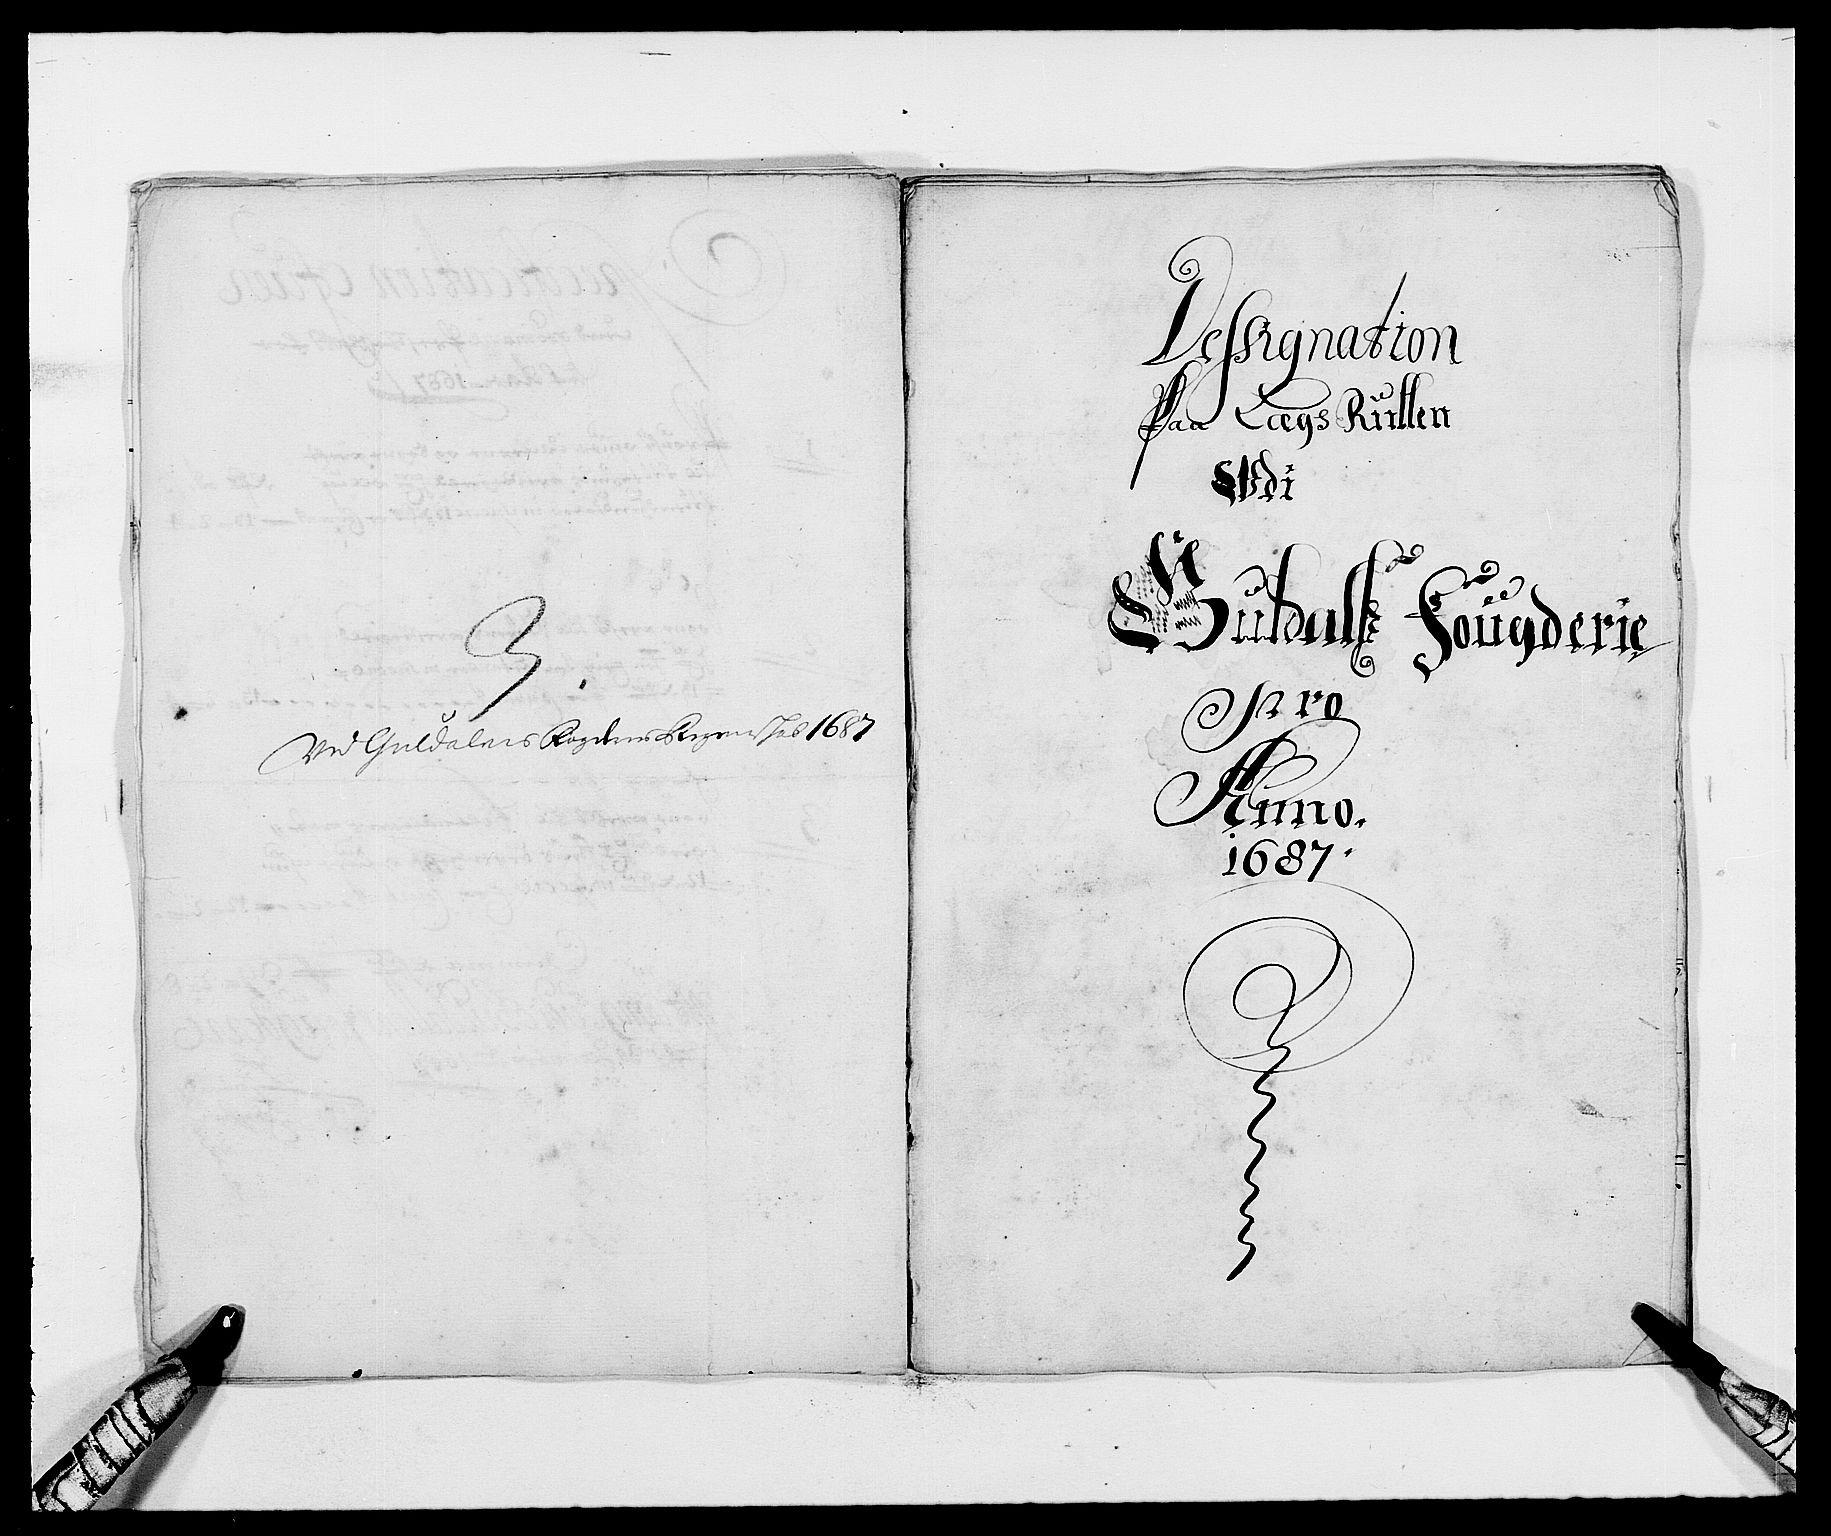 RA, Rentekammeret inntil 1814, Reviderte regnskaper, Fogderegnskap, R59/L3939: Fogderegnskap Gauldal, 1687-1688, s. 12